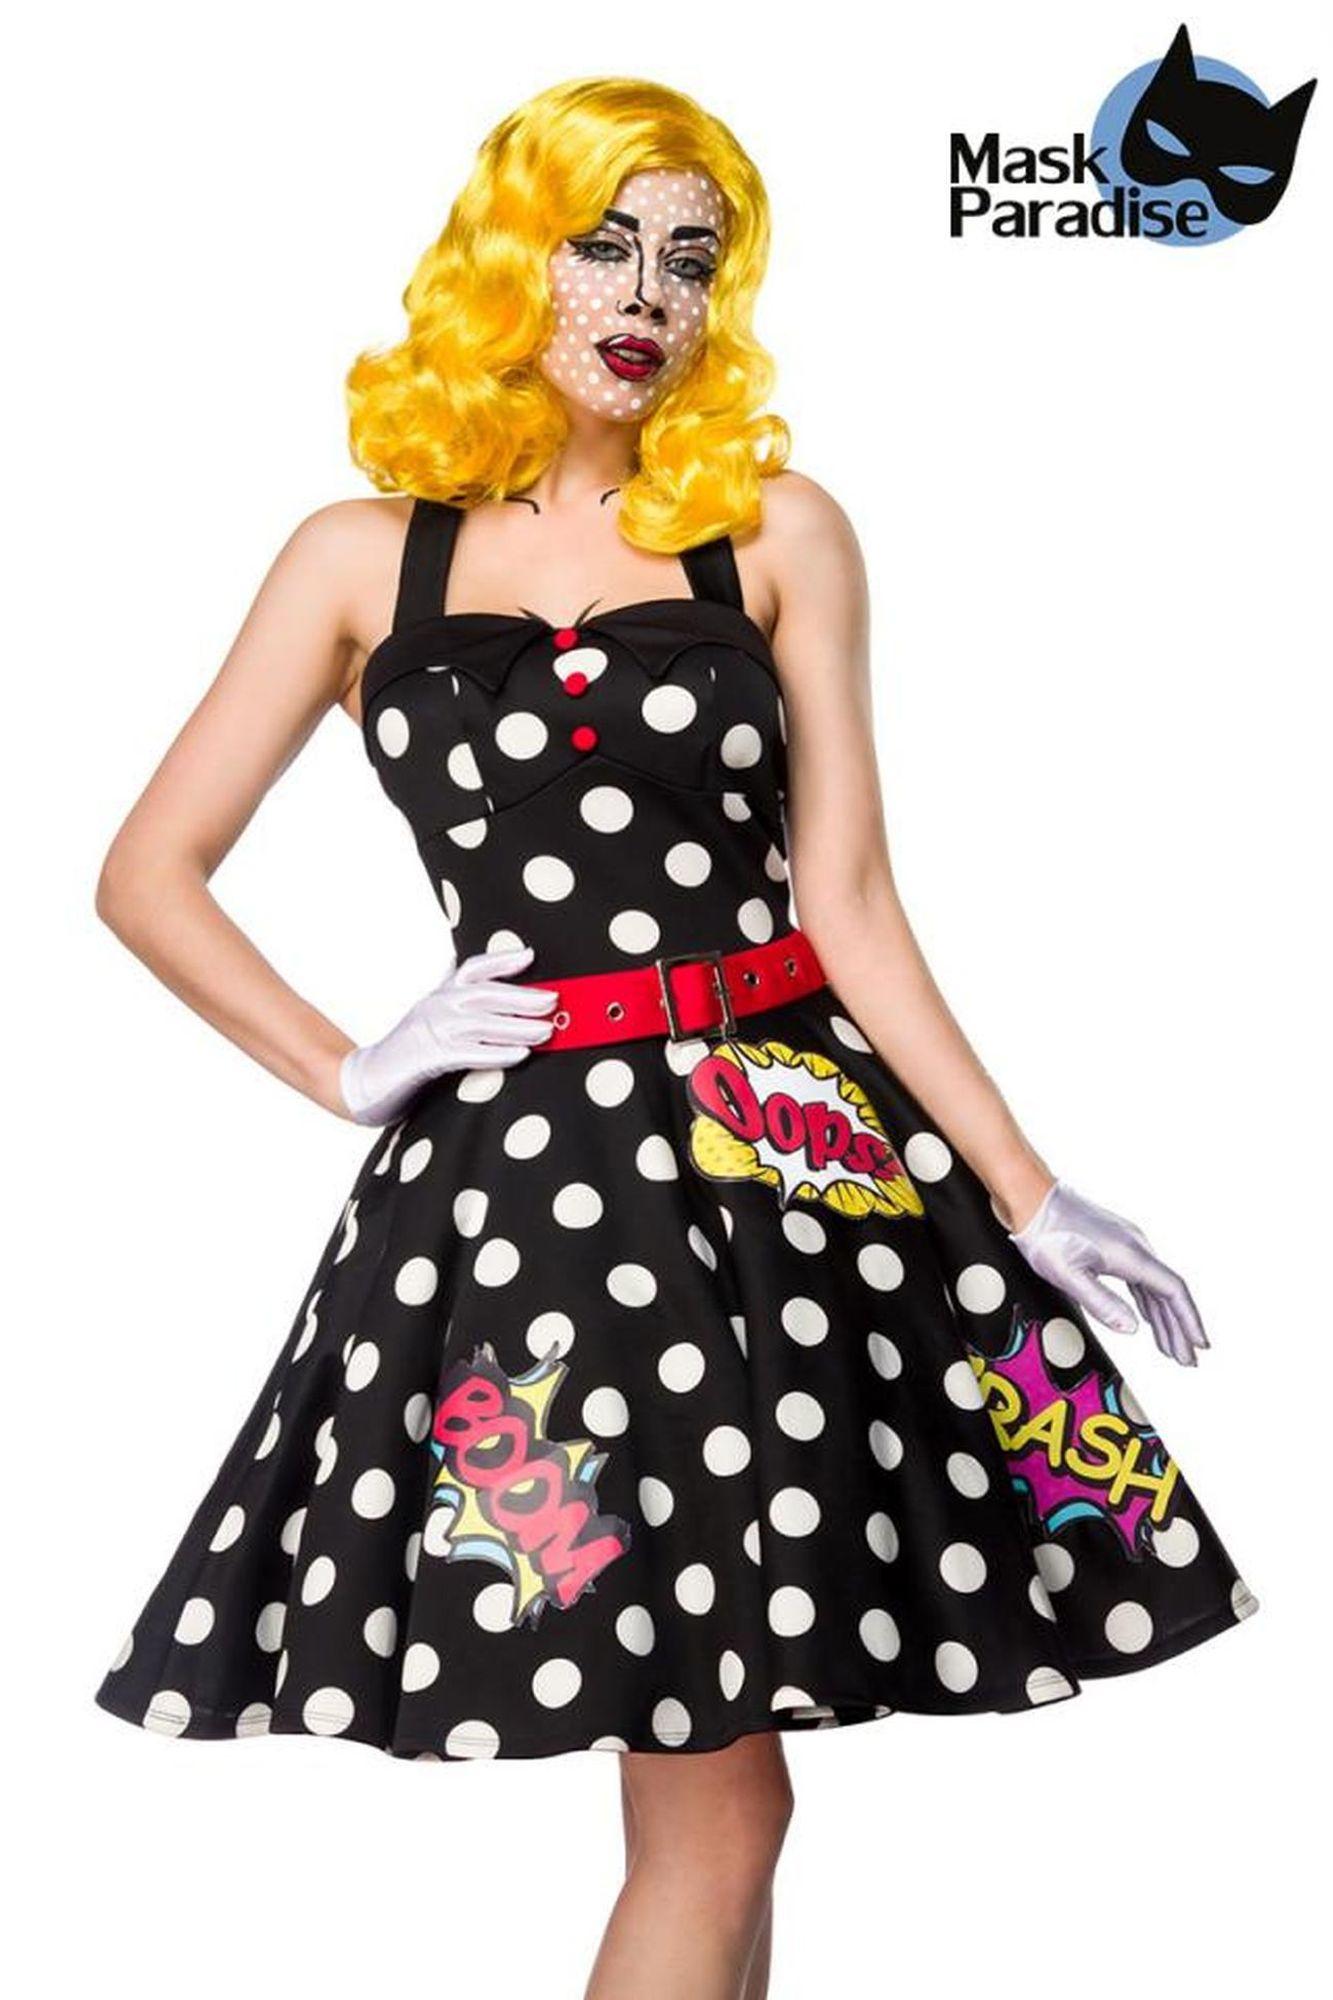 Mask Paradise Pop Art Kostüm: Pop Art Girl - schwarz/weiß/rot